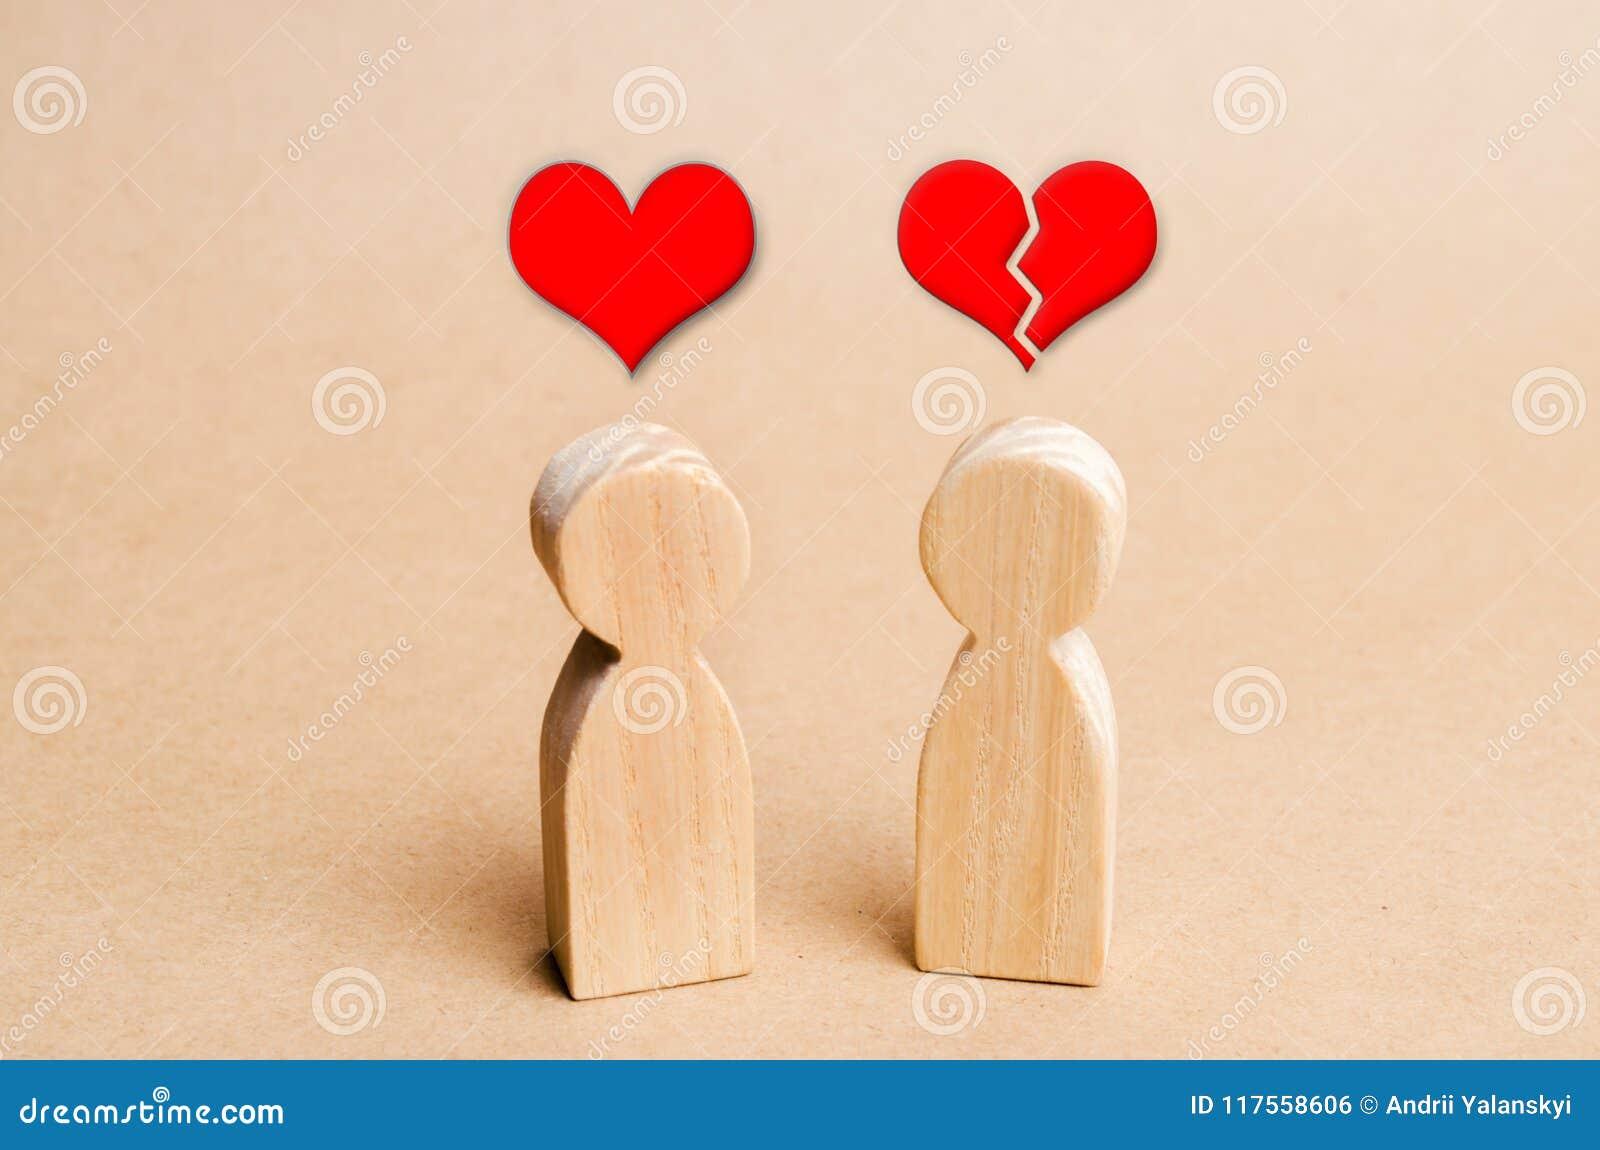 Amore non corrisposto Rifiuto di riconoscimento nell amore Rifiuto delle relazioni, rottura delle relazioni Cuore rotto Relations